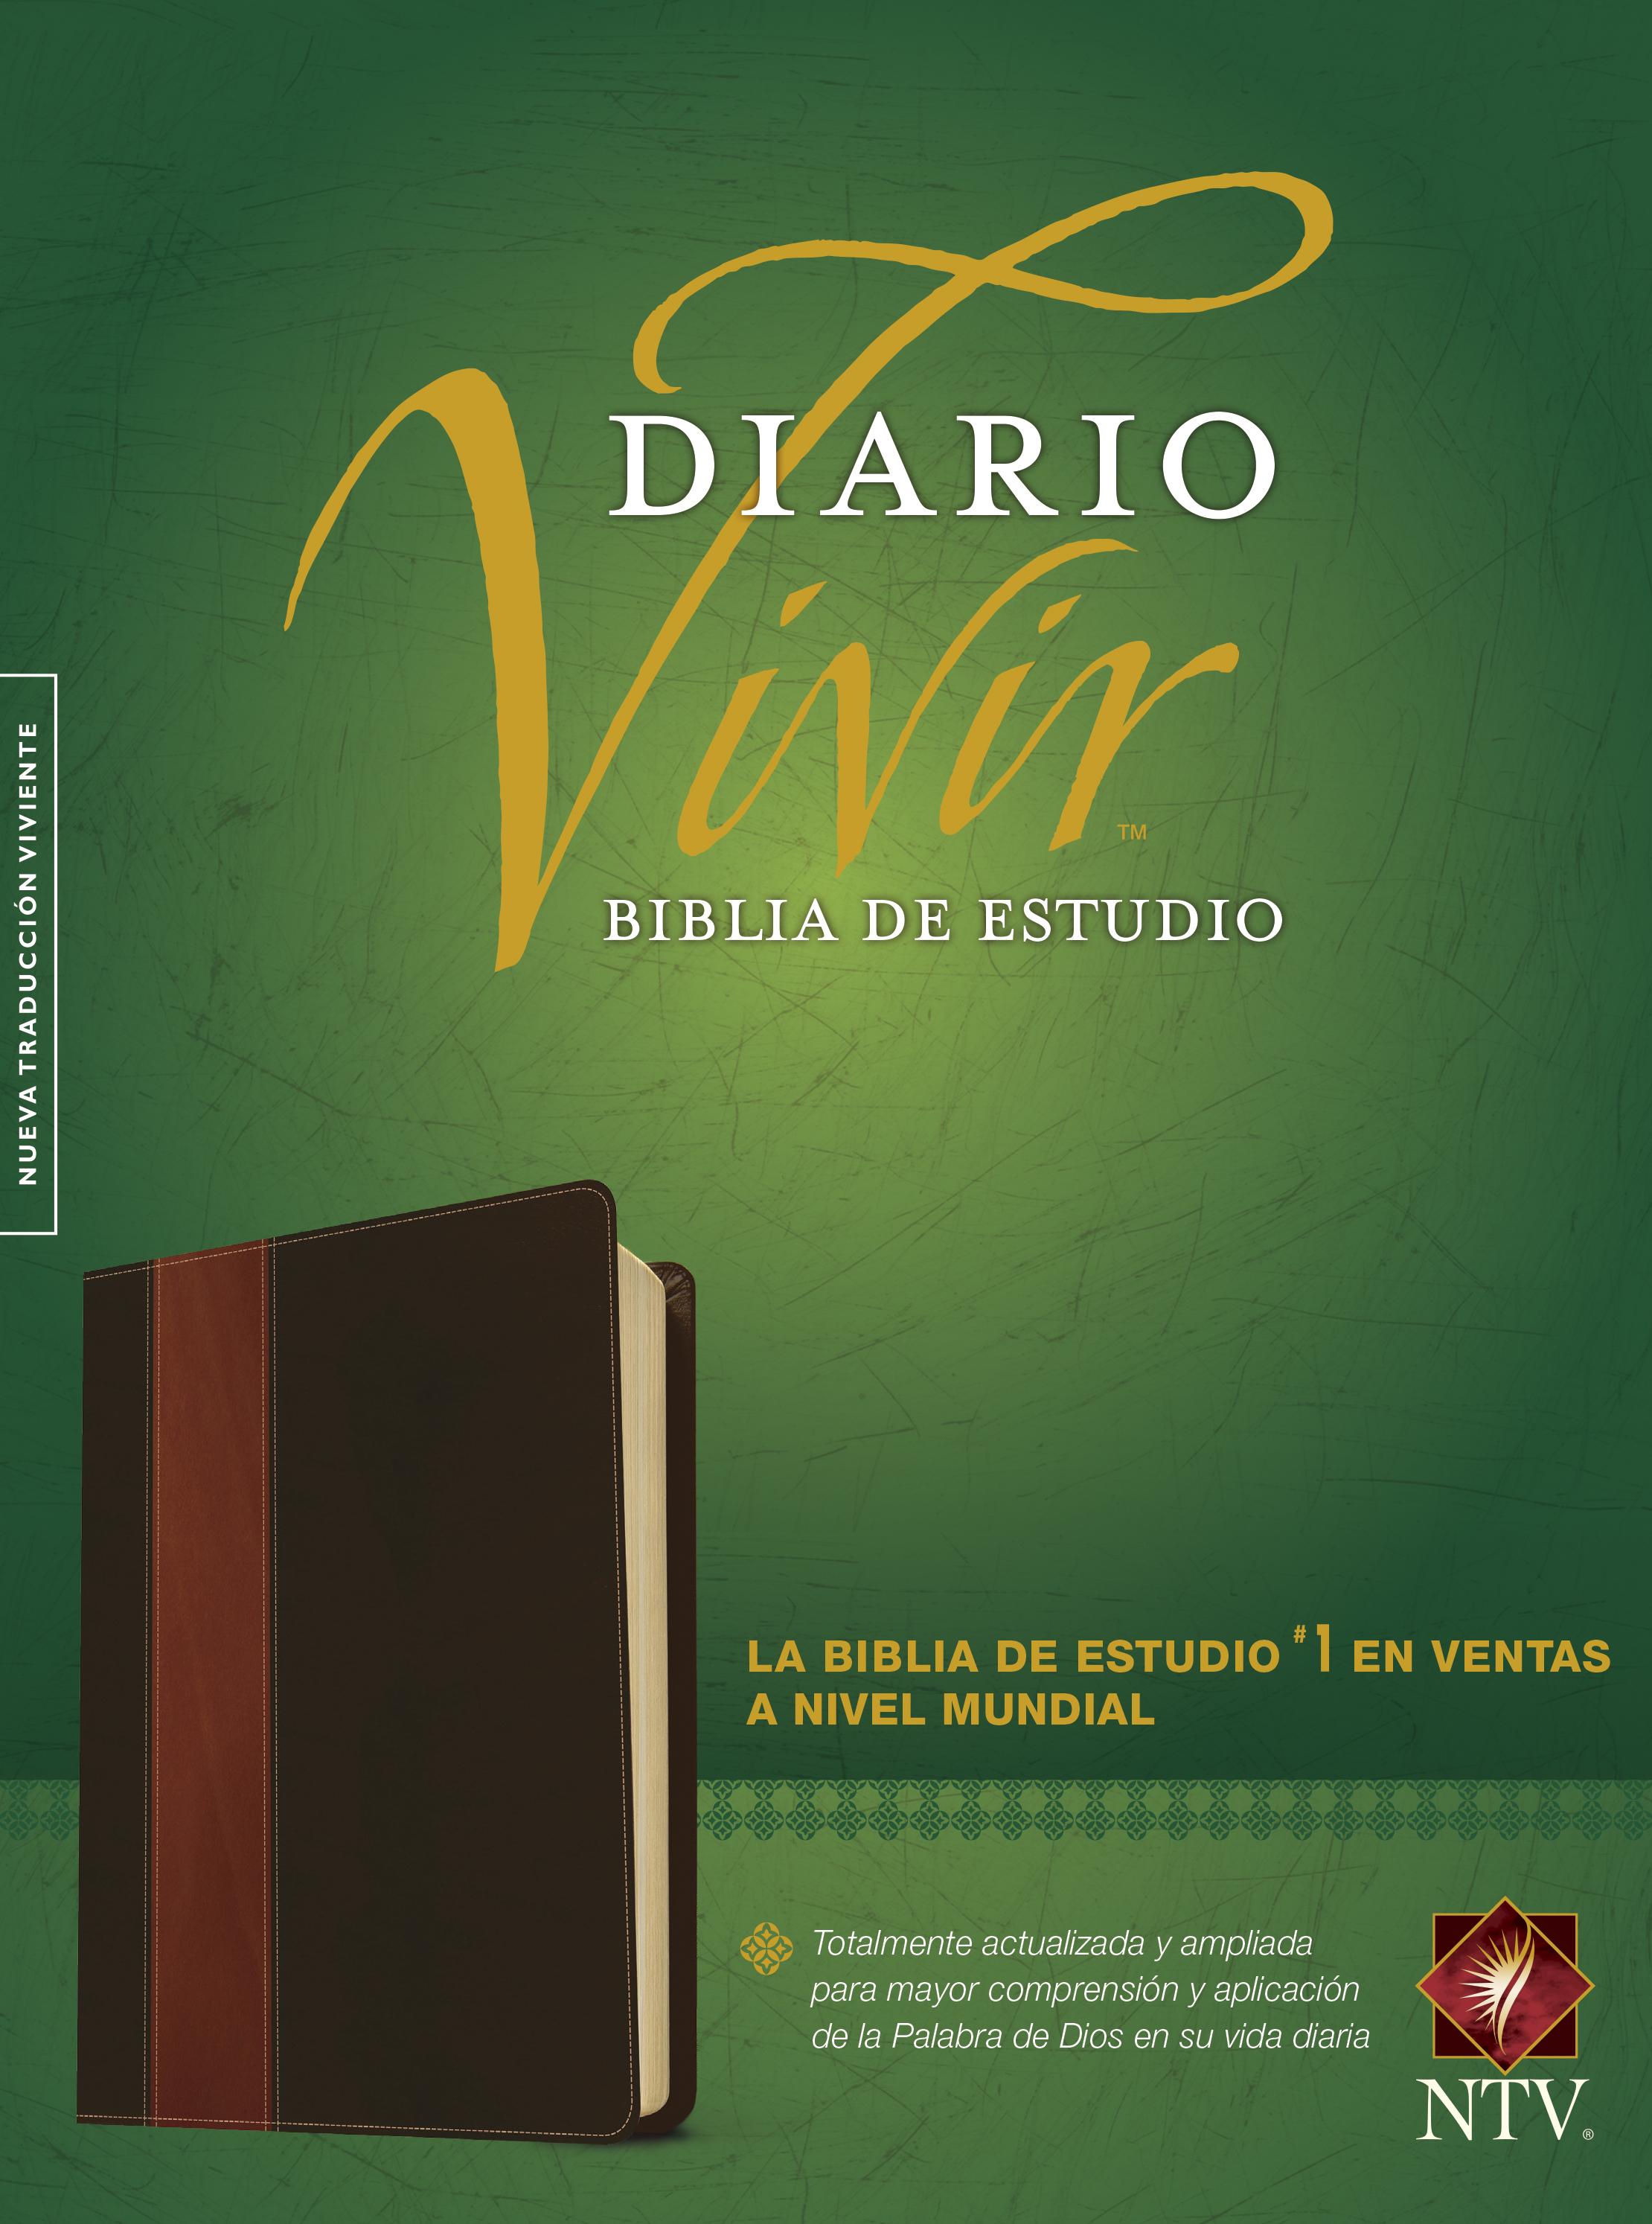 Biblia de estudio del diario vivir NTV (Letra Roja, SentiPiel, Café/Café claro)